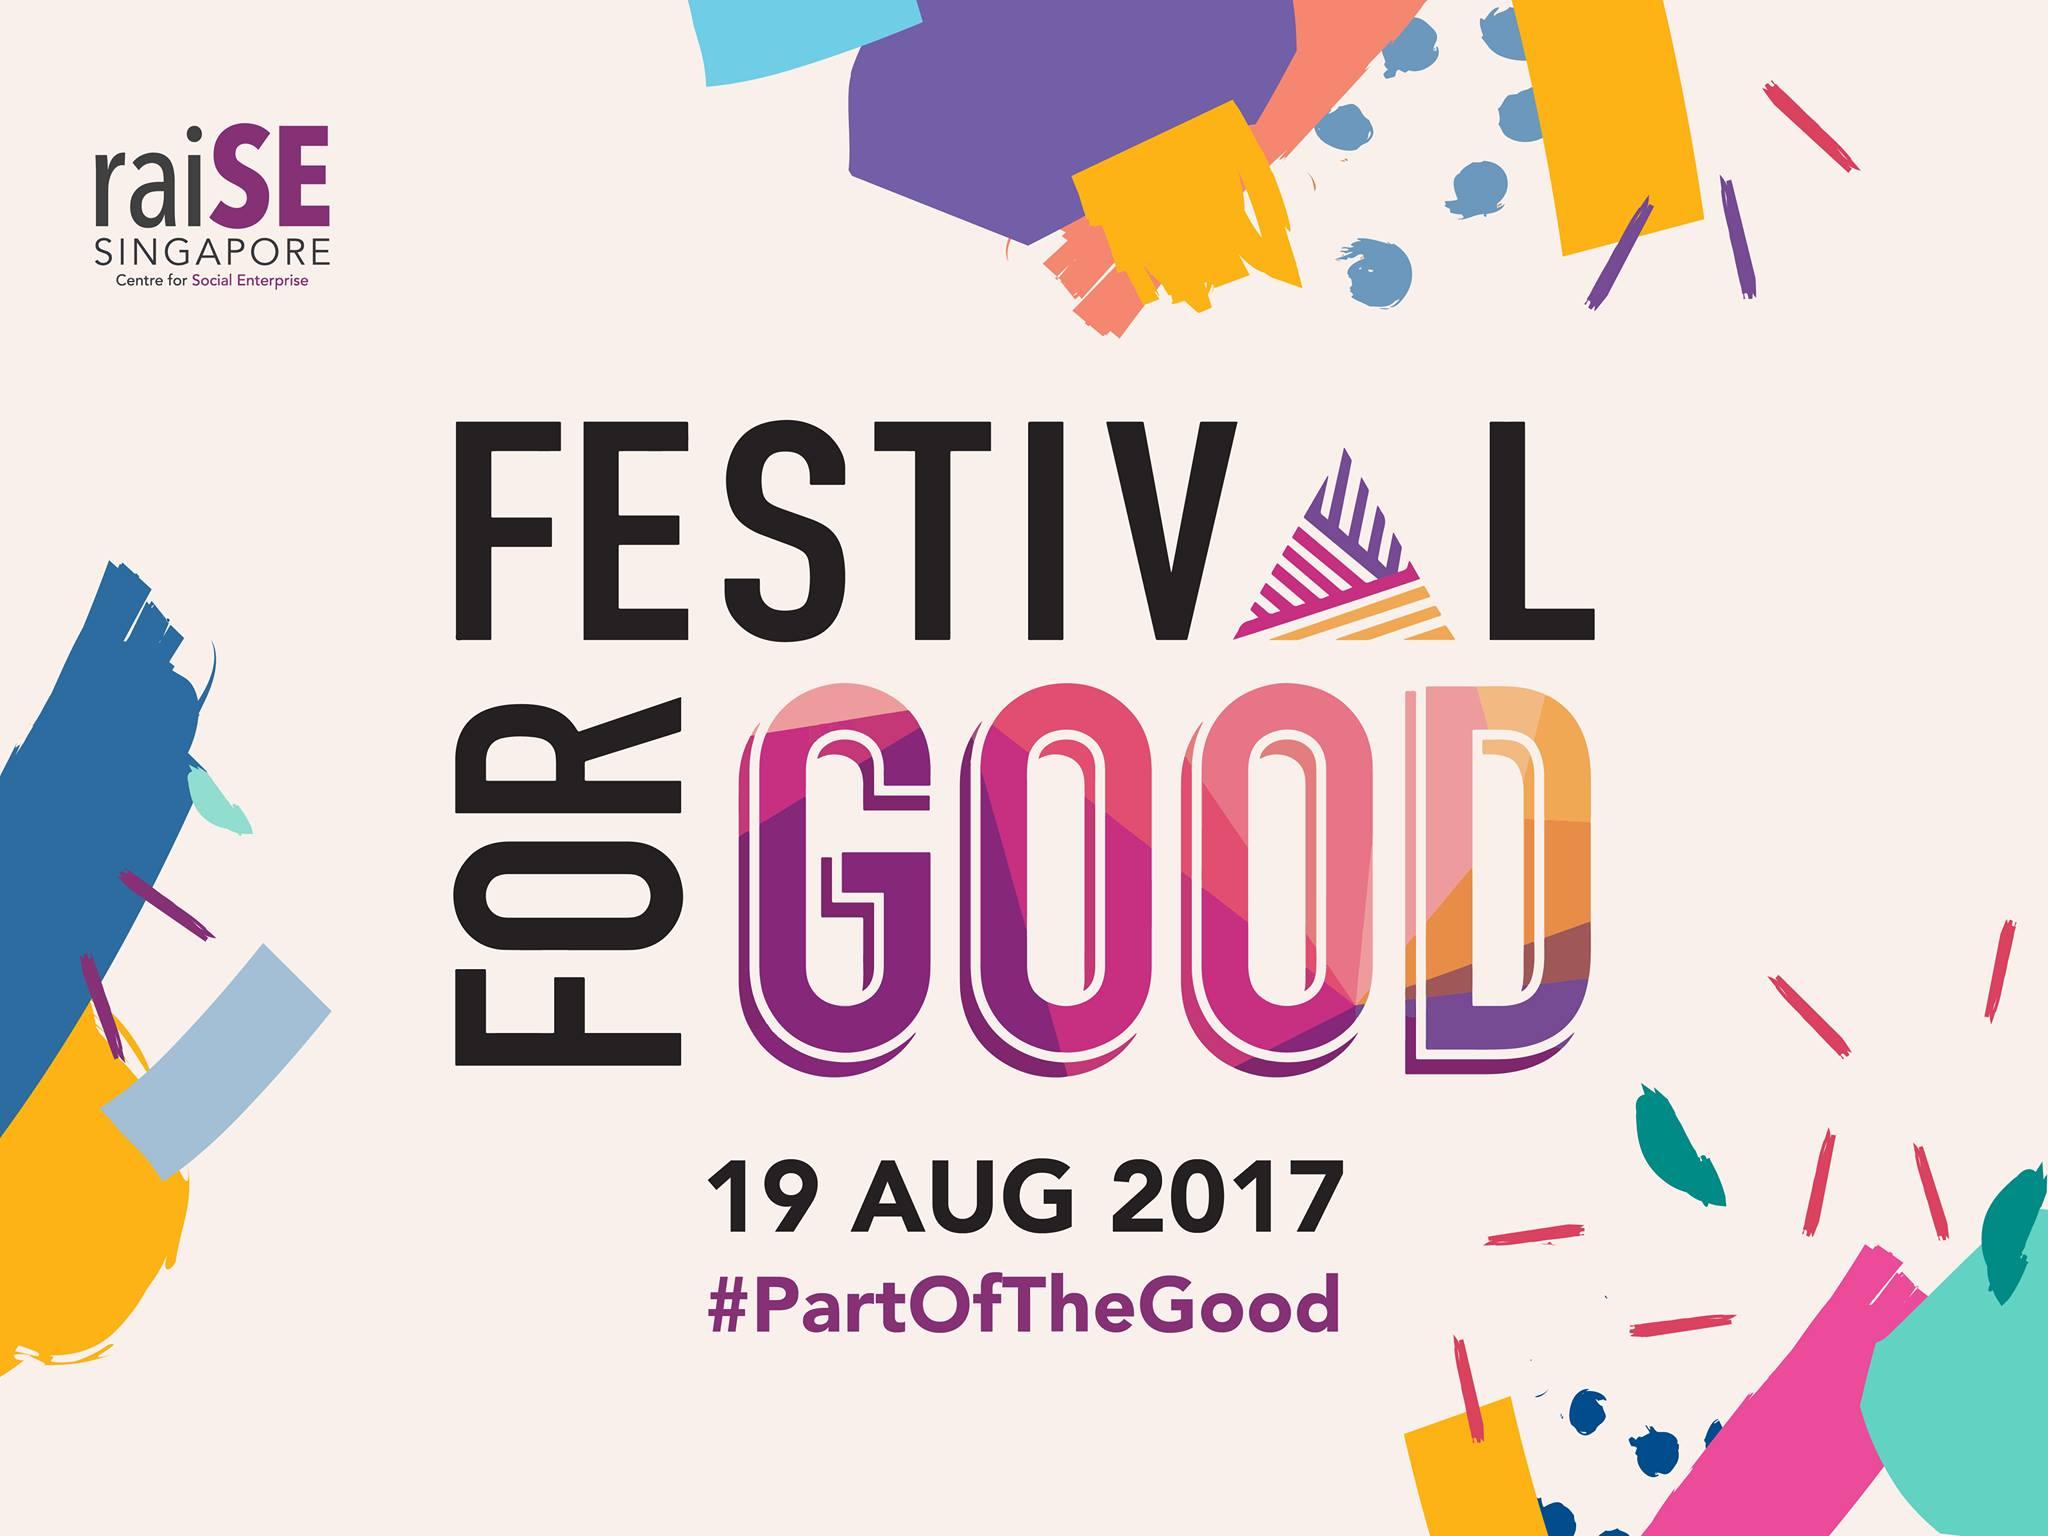 FestivalForGood2017